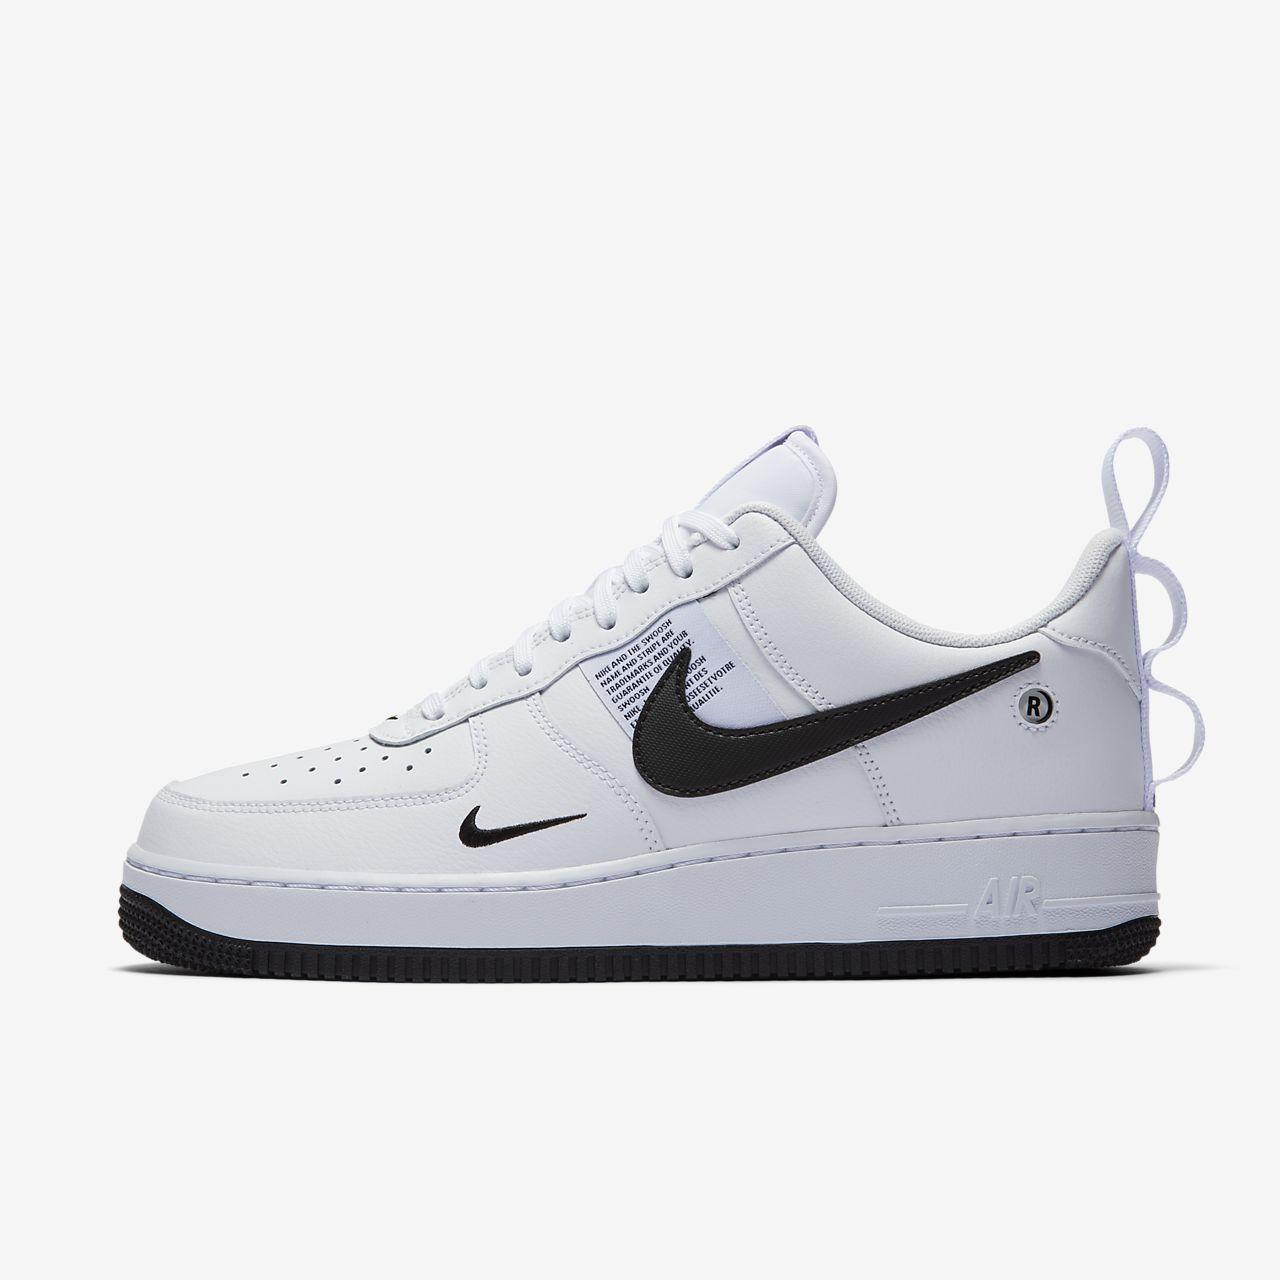 Nike Air Force 1 LV8 UL Herrenschuh